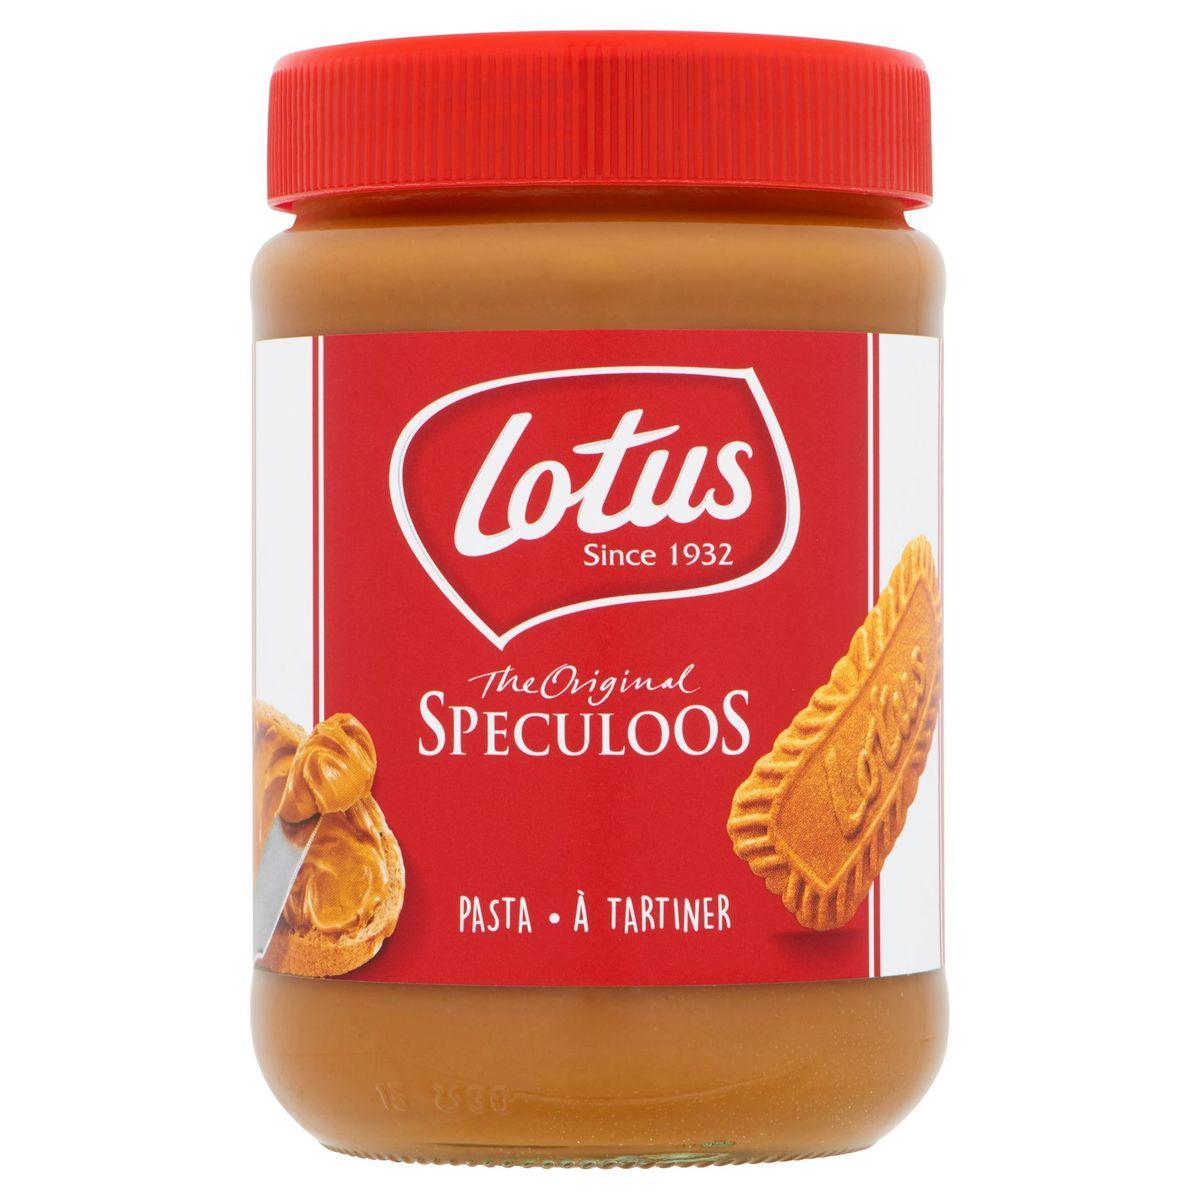 Lotus The Original Speculoos Pasta 720 g